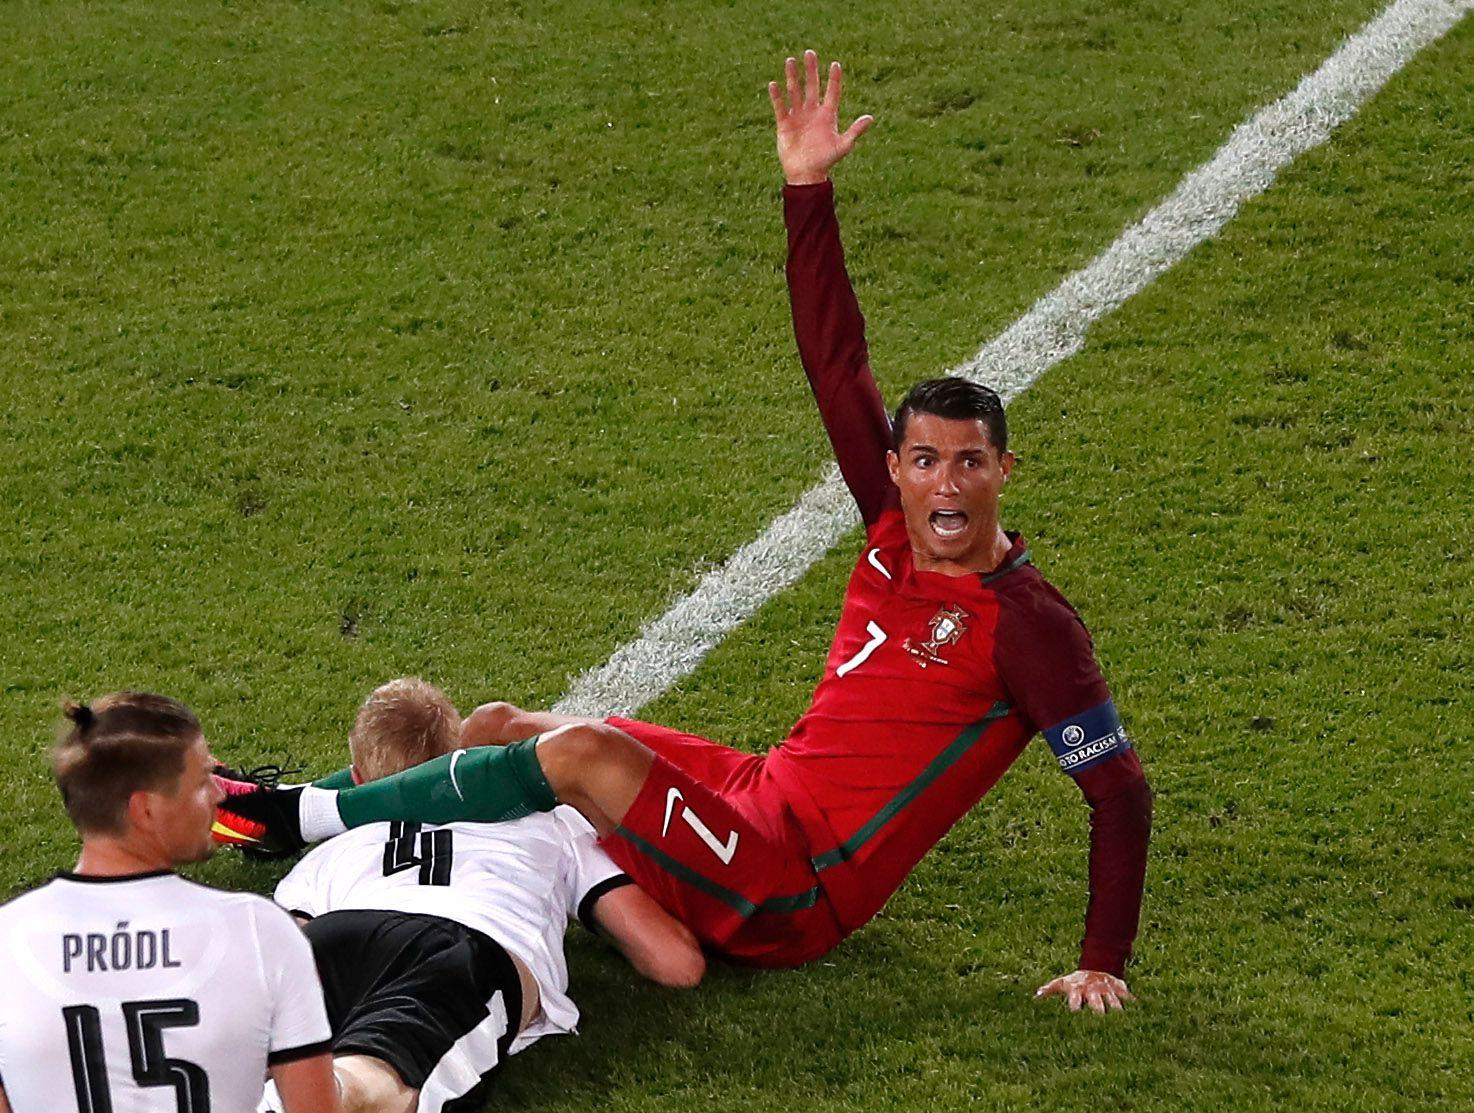 RONALDO: Portugiseren Cristiano Ronaldo fikk det ikke til i sine to første EM-gruppespillkamper, men mot Ungarn løsnet det med to mål. Og Portugal avanserte etter tre uavgjorte kamper. Her har Ronaldo havnet en i pussig klinsj med en østerrisk spiller for en uke siden.